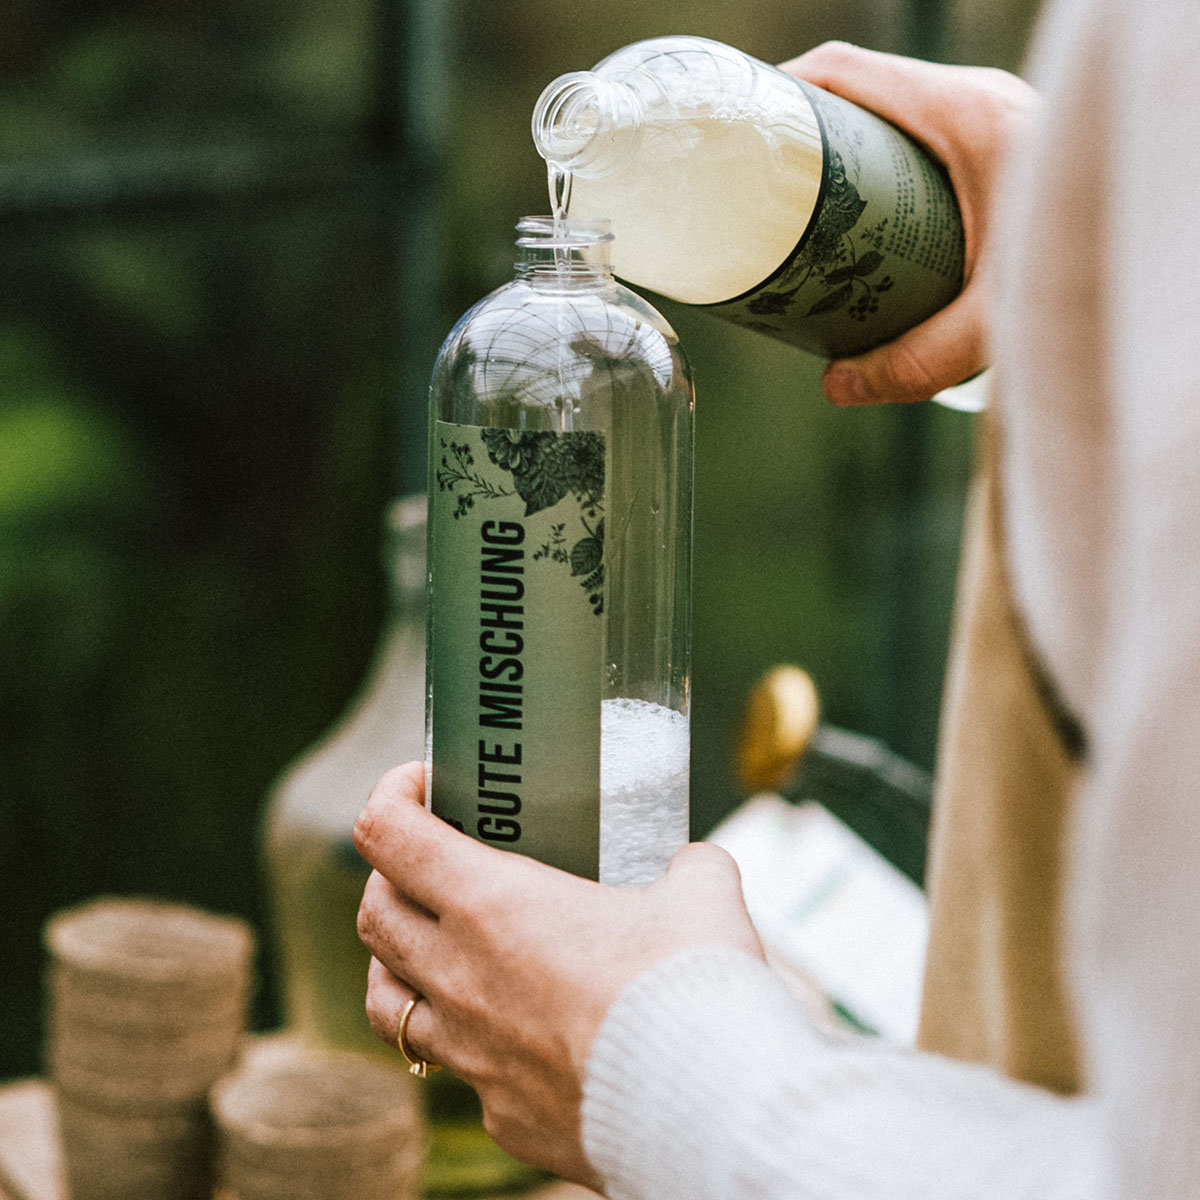 Mischflasche Gute Mischung Garten für Konzentrate, mit Sprühkopf, 750 ml | #2